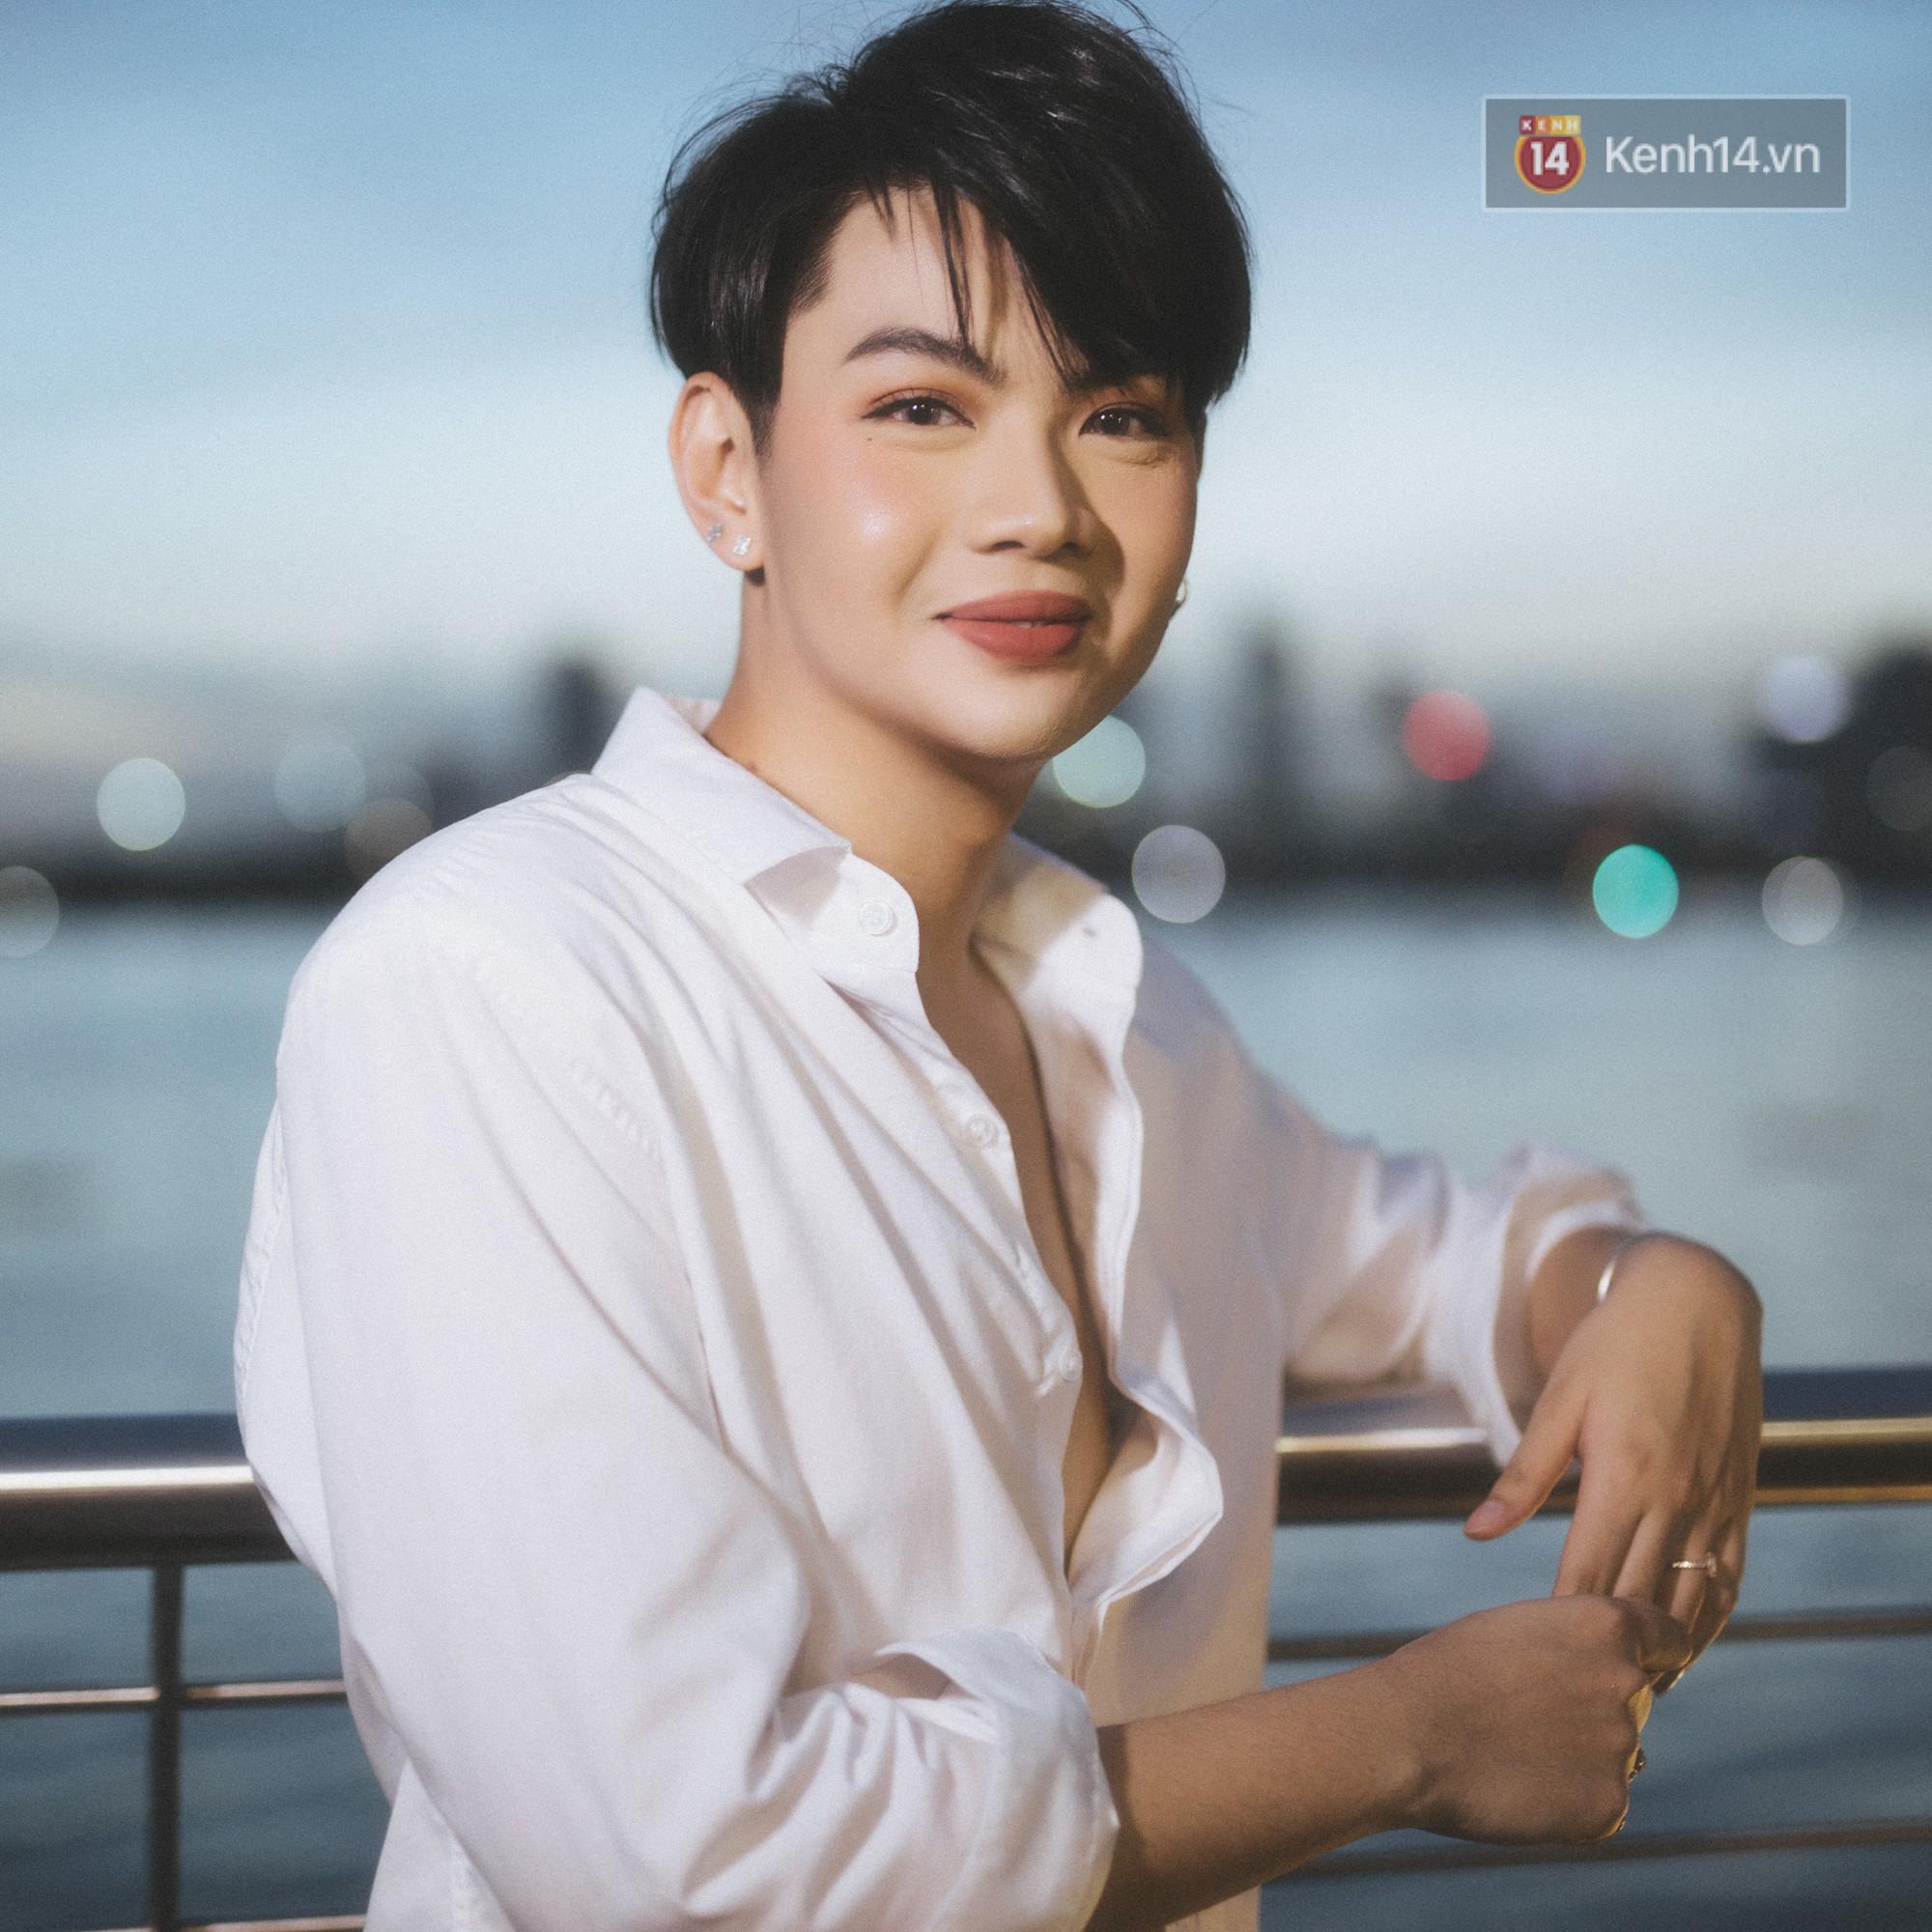 Những trò lố quảng bá sản phẩm của ca sĩ Việt: Đủ mọi chiêu nhưng không phải ai cũng bất chấp như nhân vật đầu tiên - Ảnh 9.